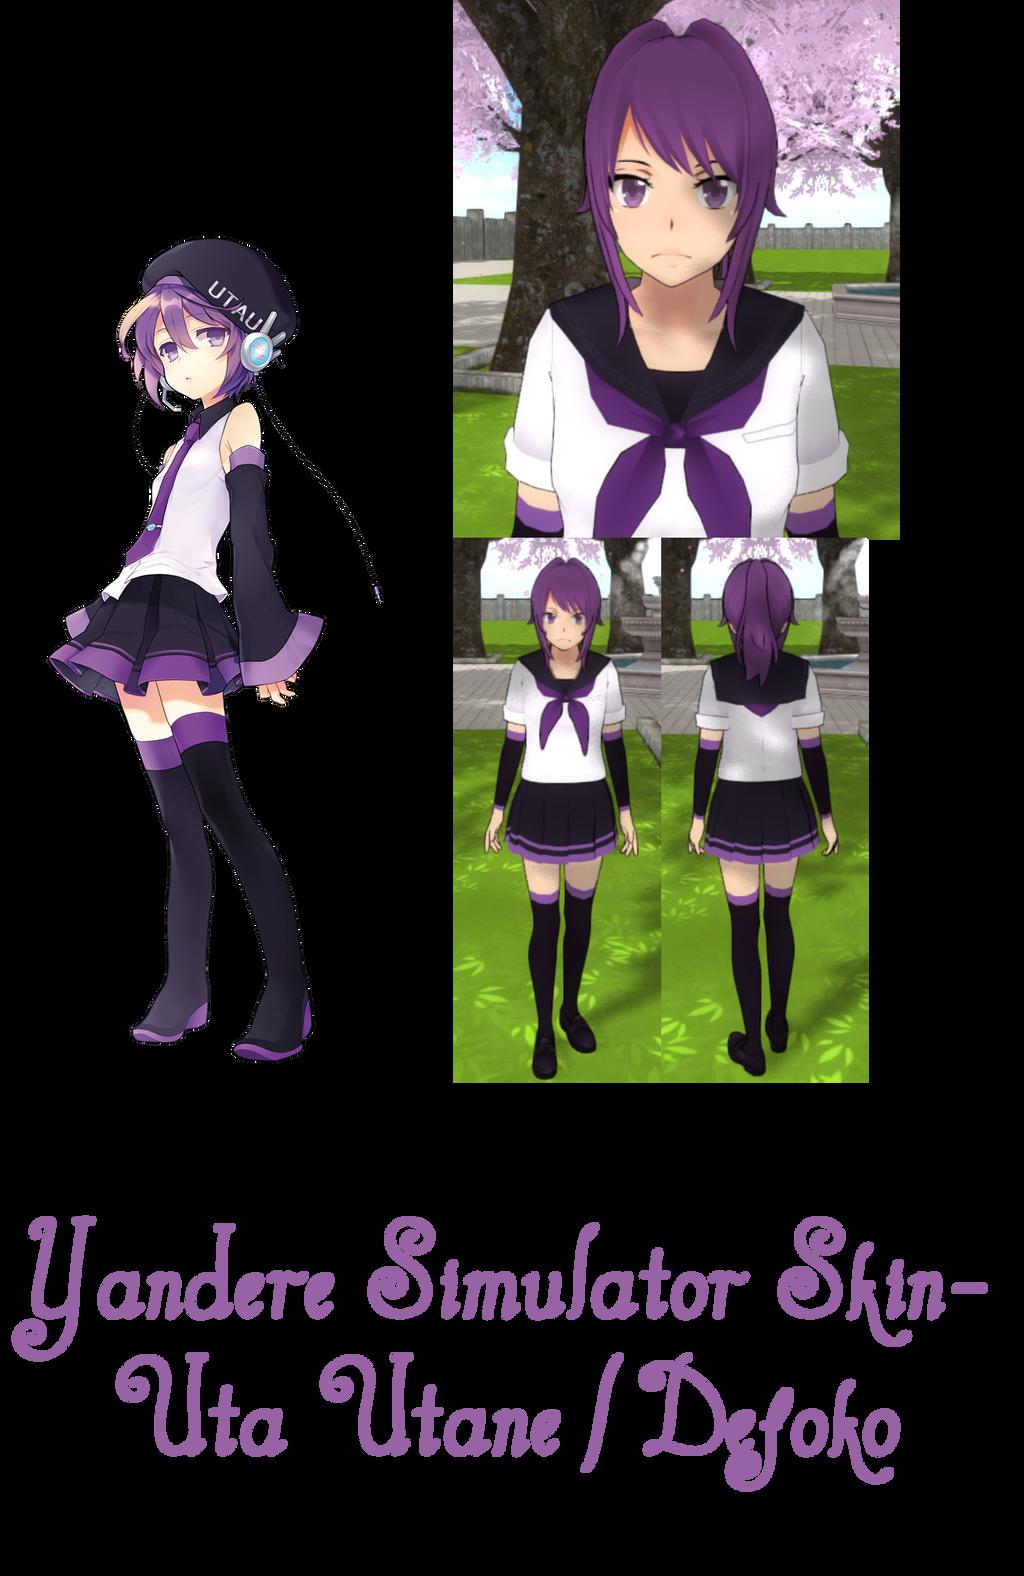 ImaginaryAlchemist Yandere Simulator Uta Utane Skin By